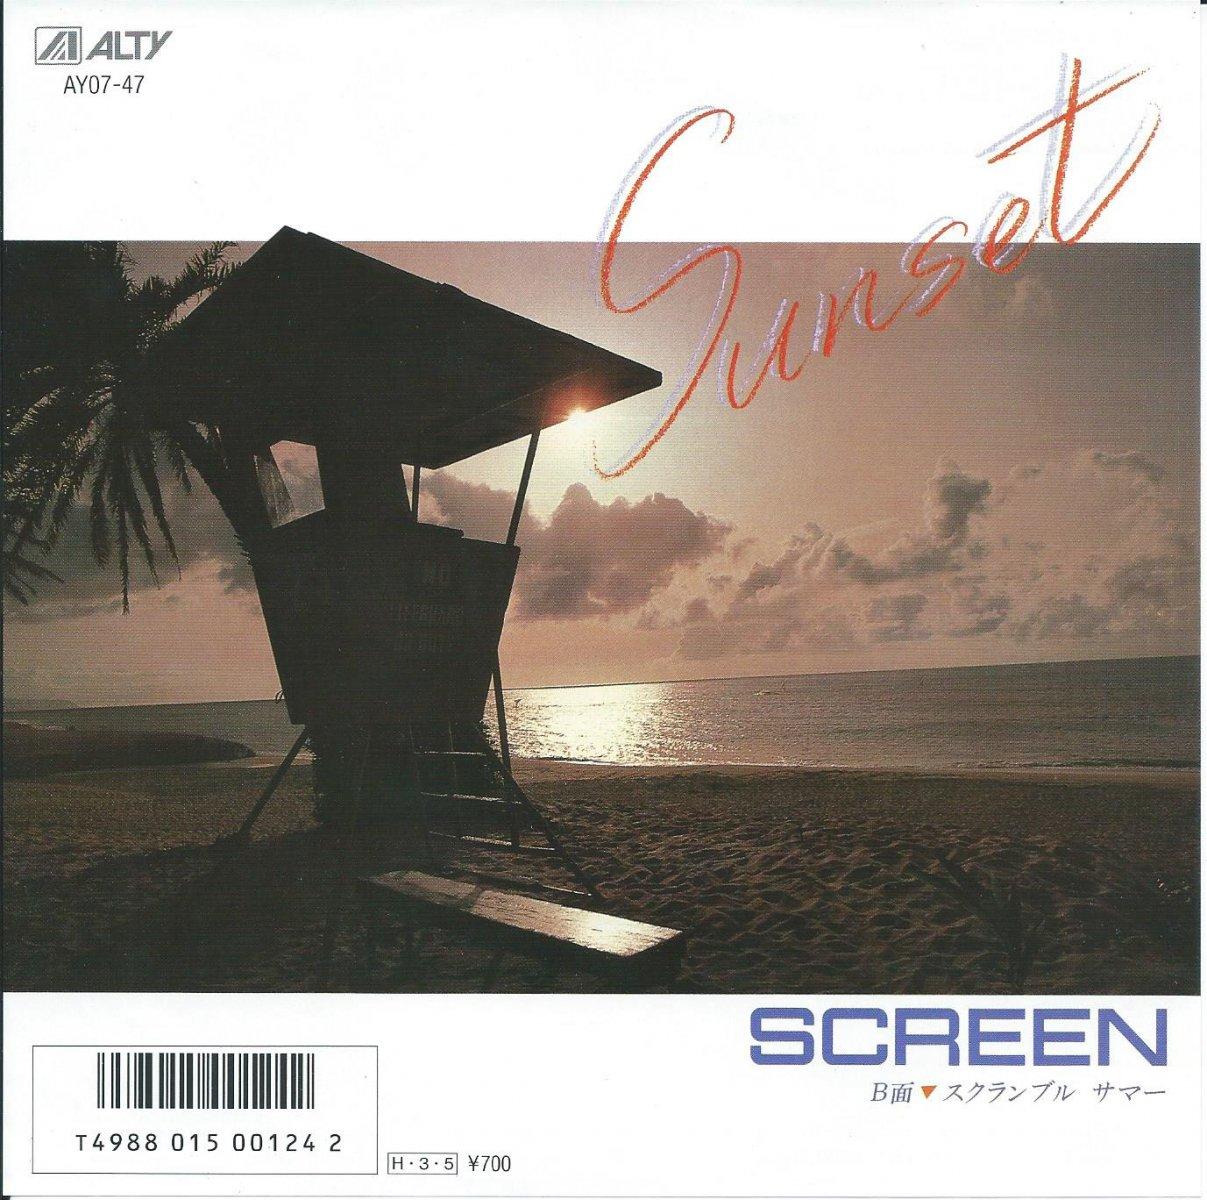 スクリーン SCREEN / サンセット SUNSET / スクランブル・サマー (7